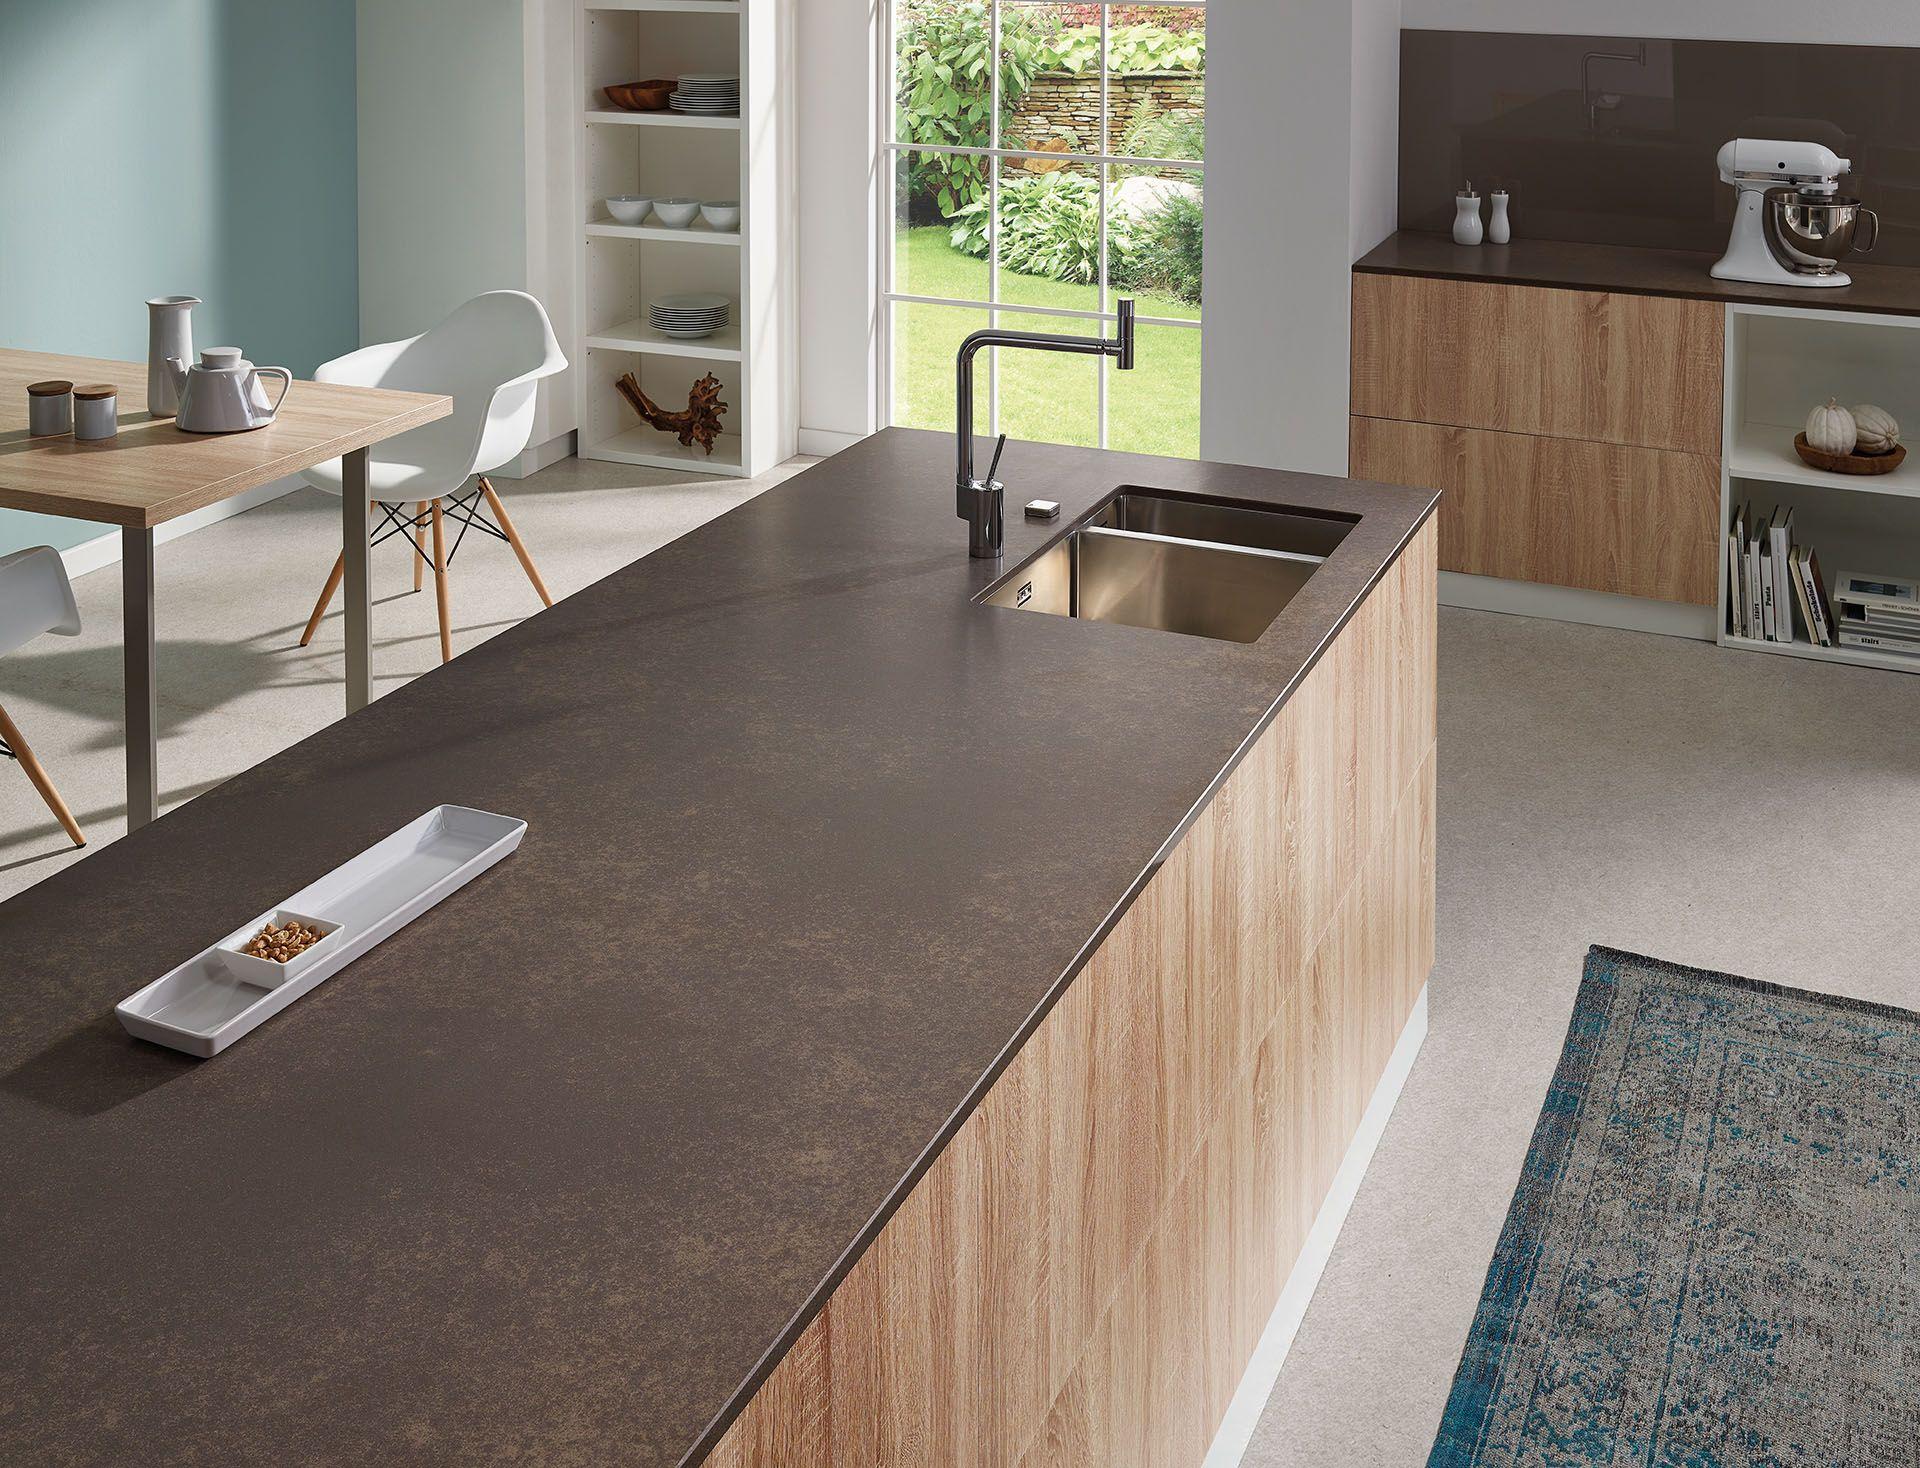 Stahl Arbeitsplatte Küche | Kuchenarbeitsplatte Aus Stahl Google Suche Kuche Pinterest